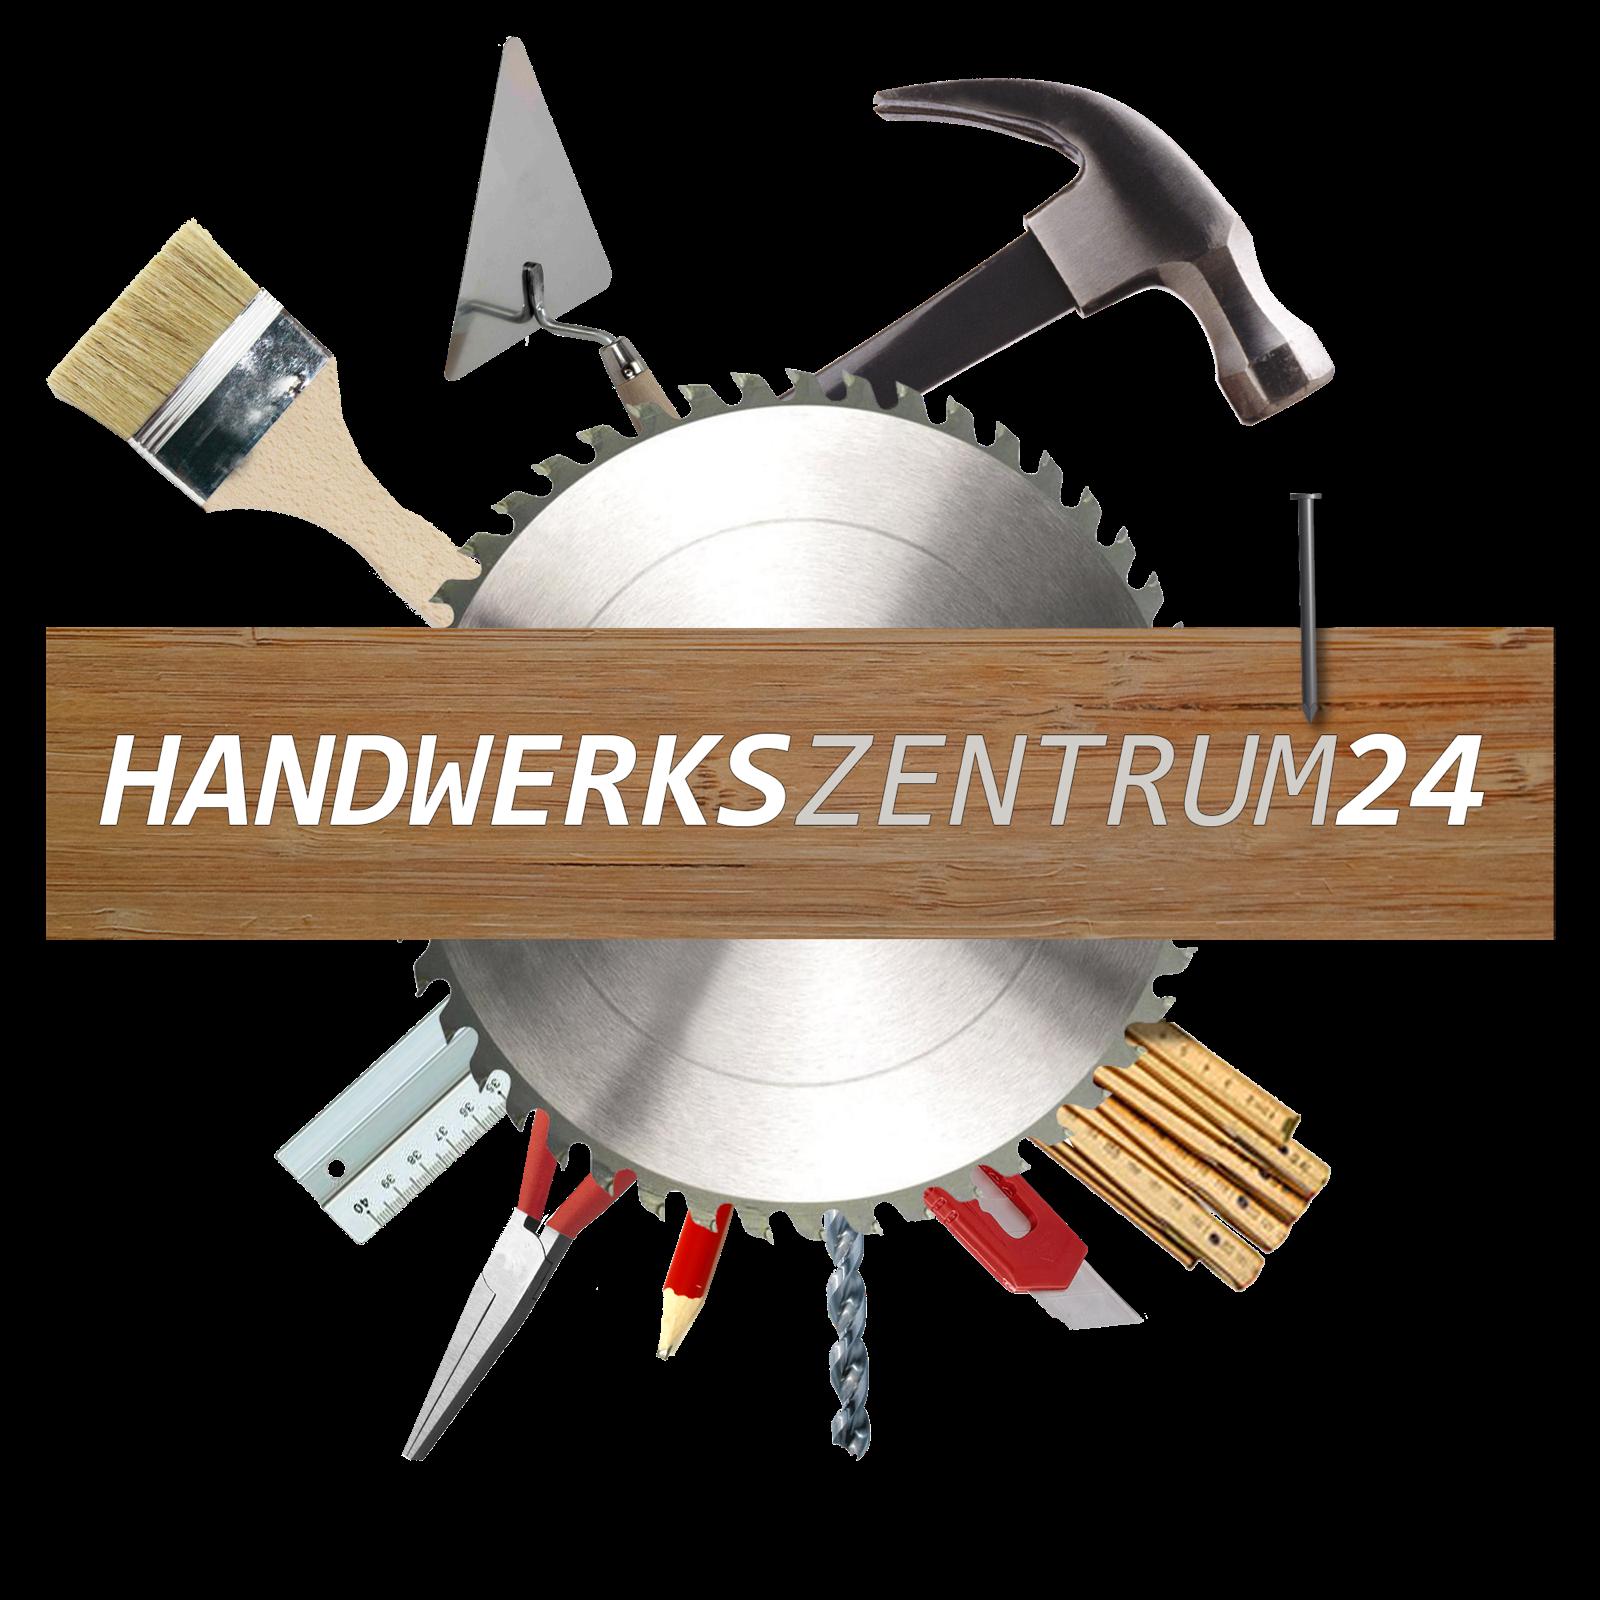 Handwerkszentrum 24 - Fenster und Türen günstig Online kaufen